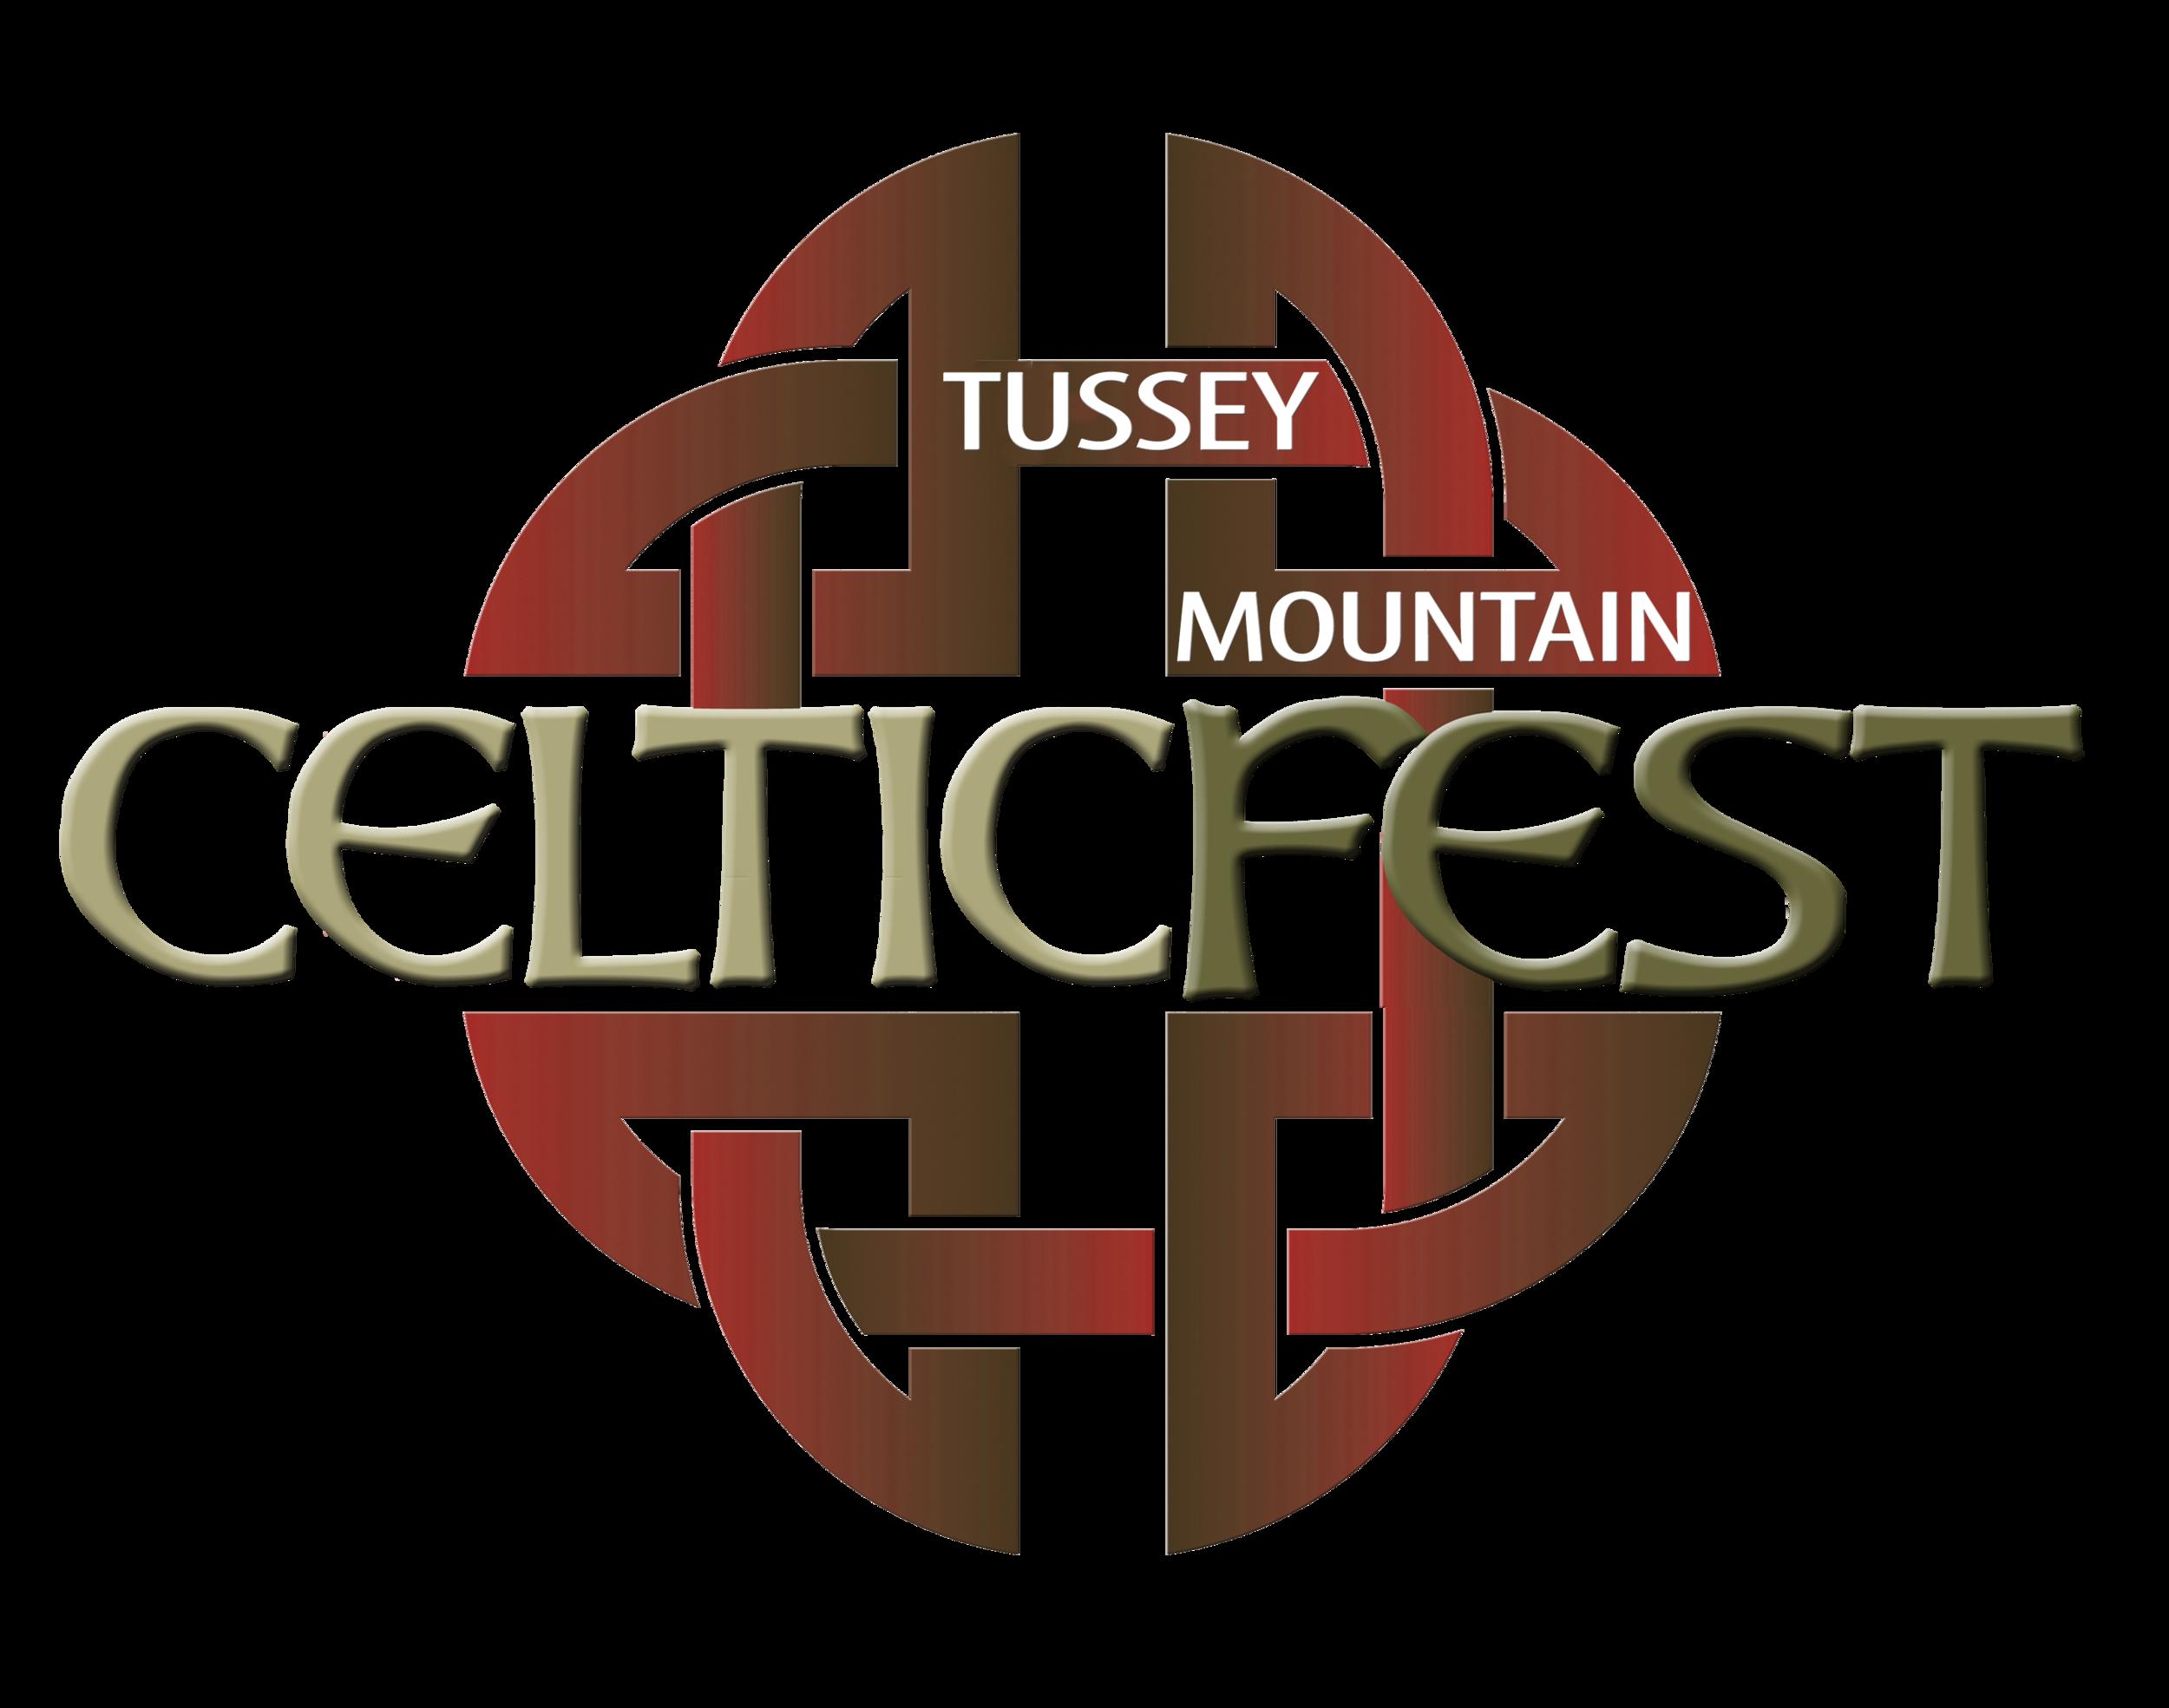 logo-celticfest.png